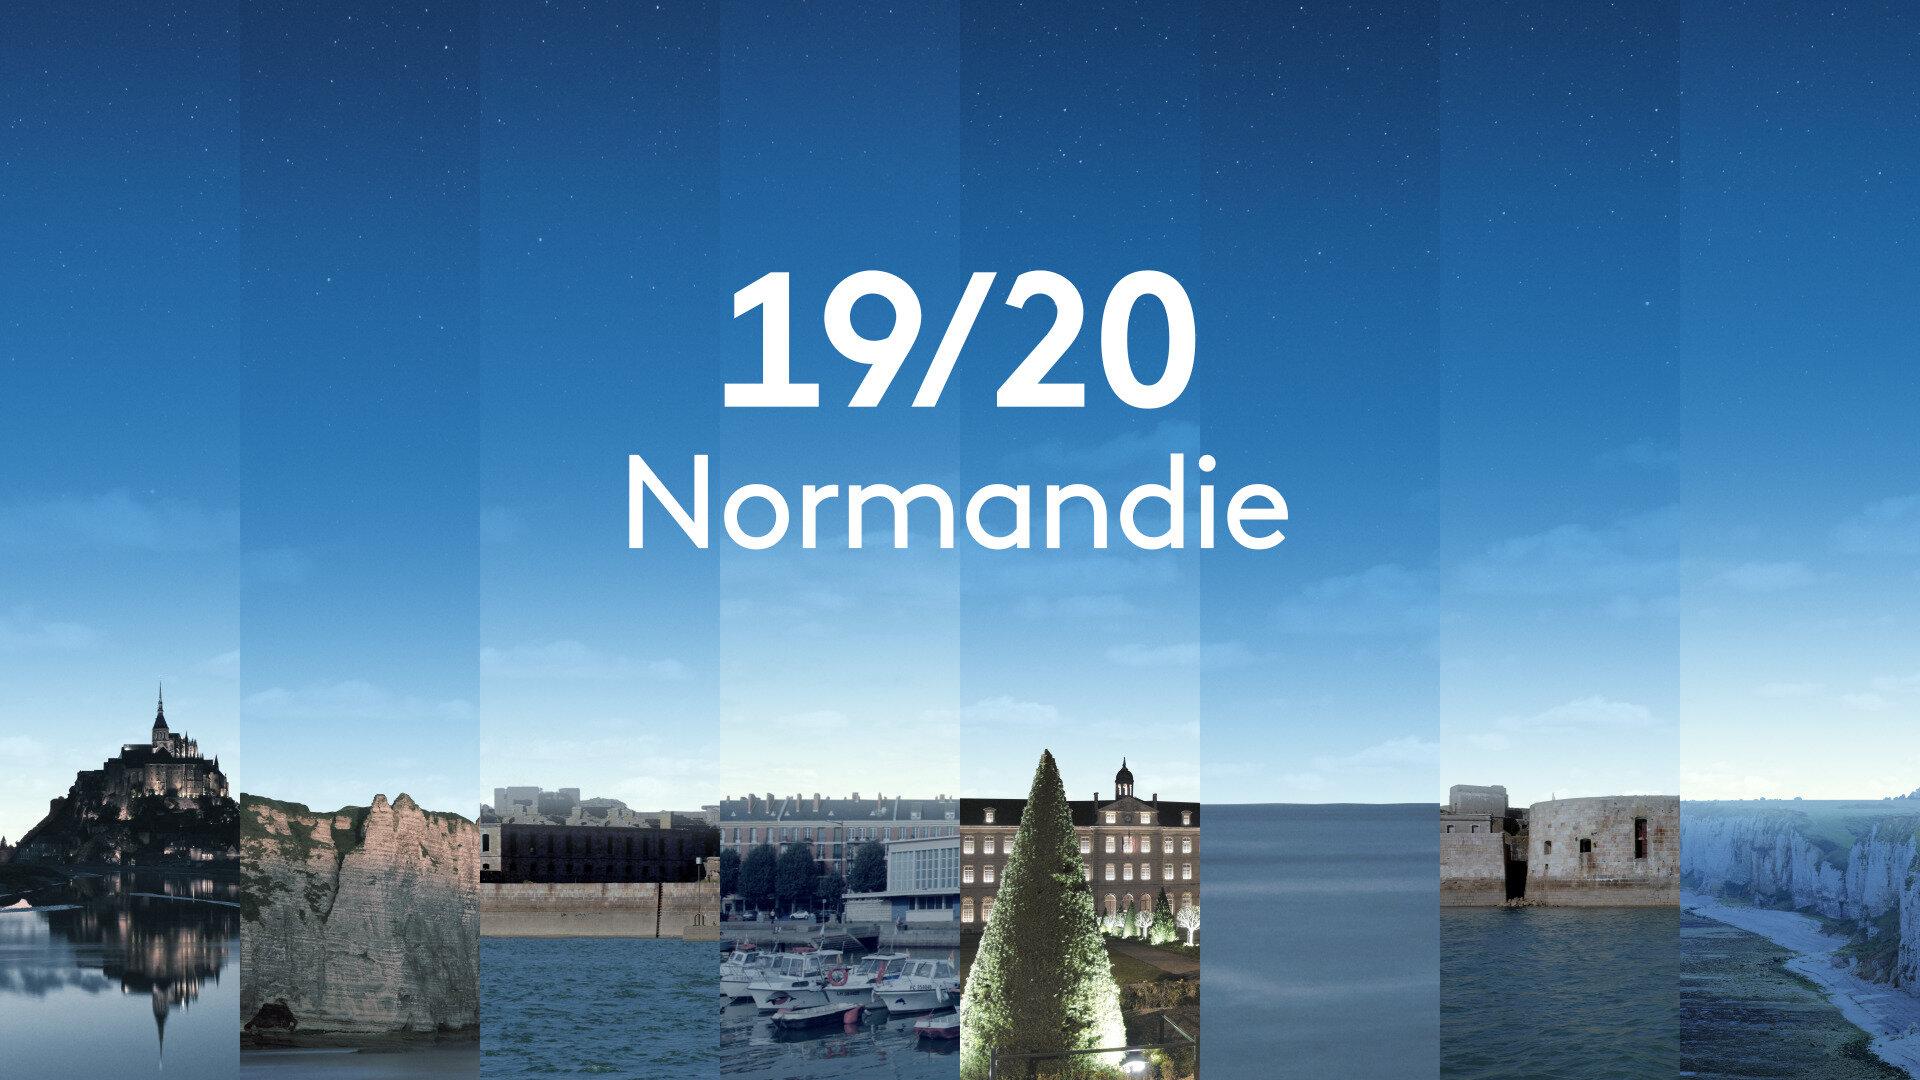 19/20 Normandie : Sur la route des cafés et des bistrots de pays avec Pierre-Marie Puaud